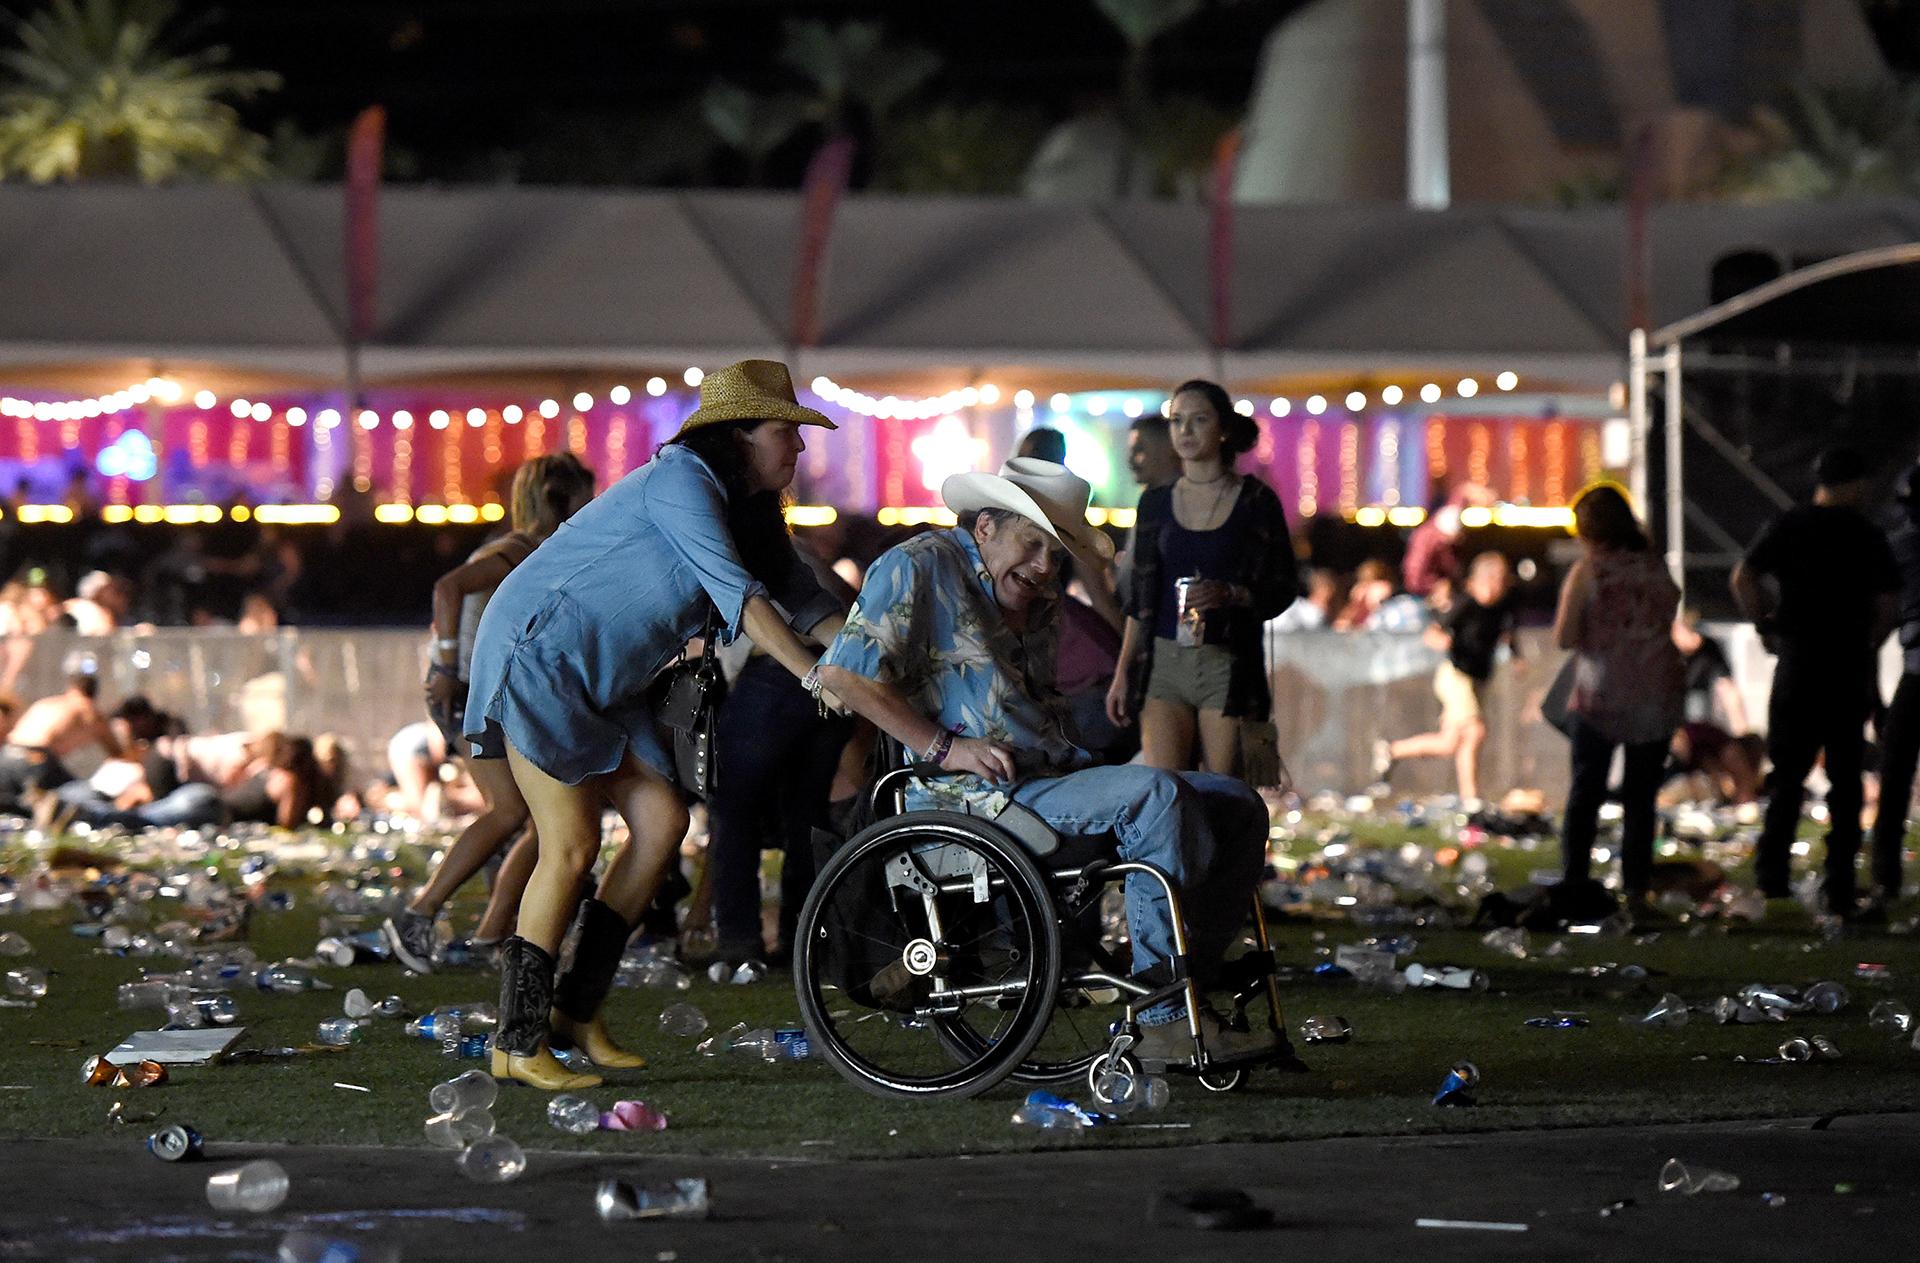 Un hombre en silla de ruedas es ayudado a escapar después de los disparos.